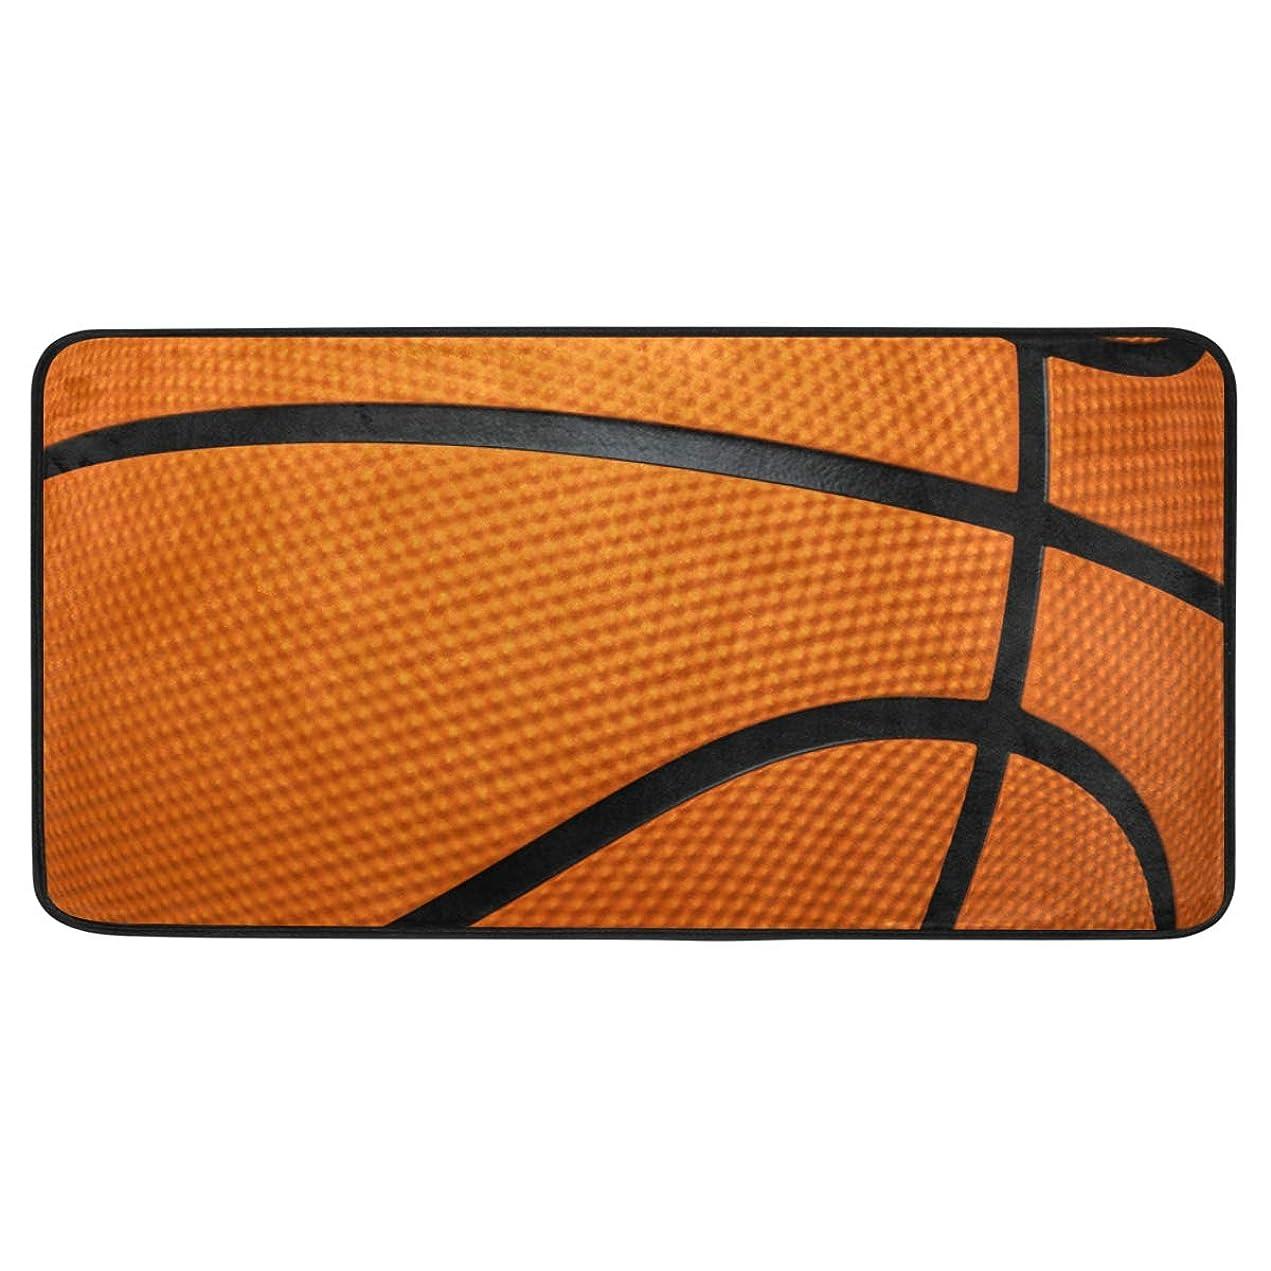 したがってゴールデン早熟カオリヤ キッチンマット バスケットボール柄 印刷パターン スポーツ 100×50cm 長方形 ロングマット 長い ブラウン デザインドアマット 滑り止め